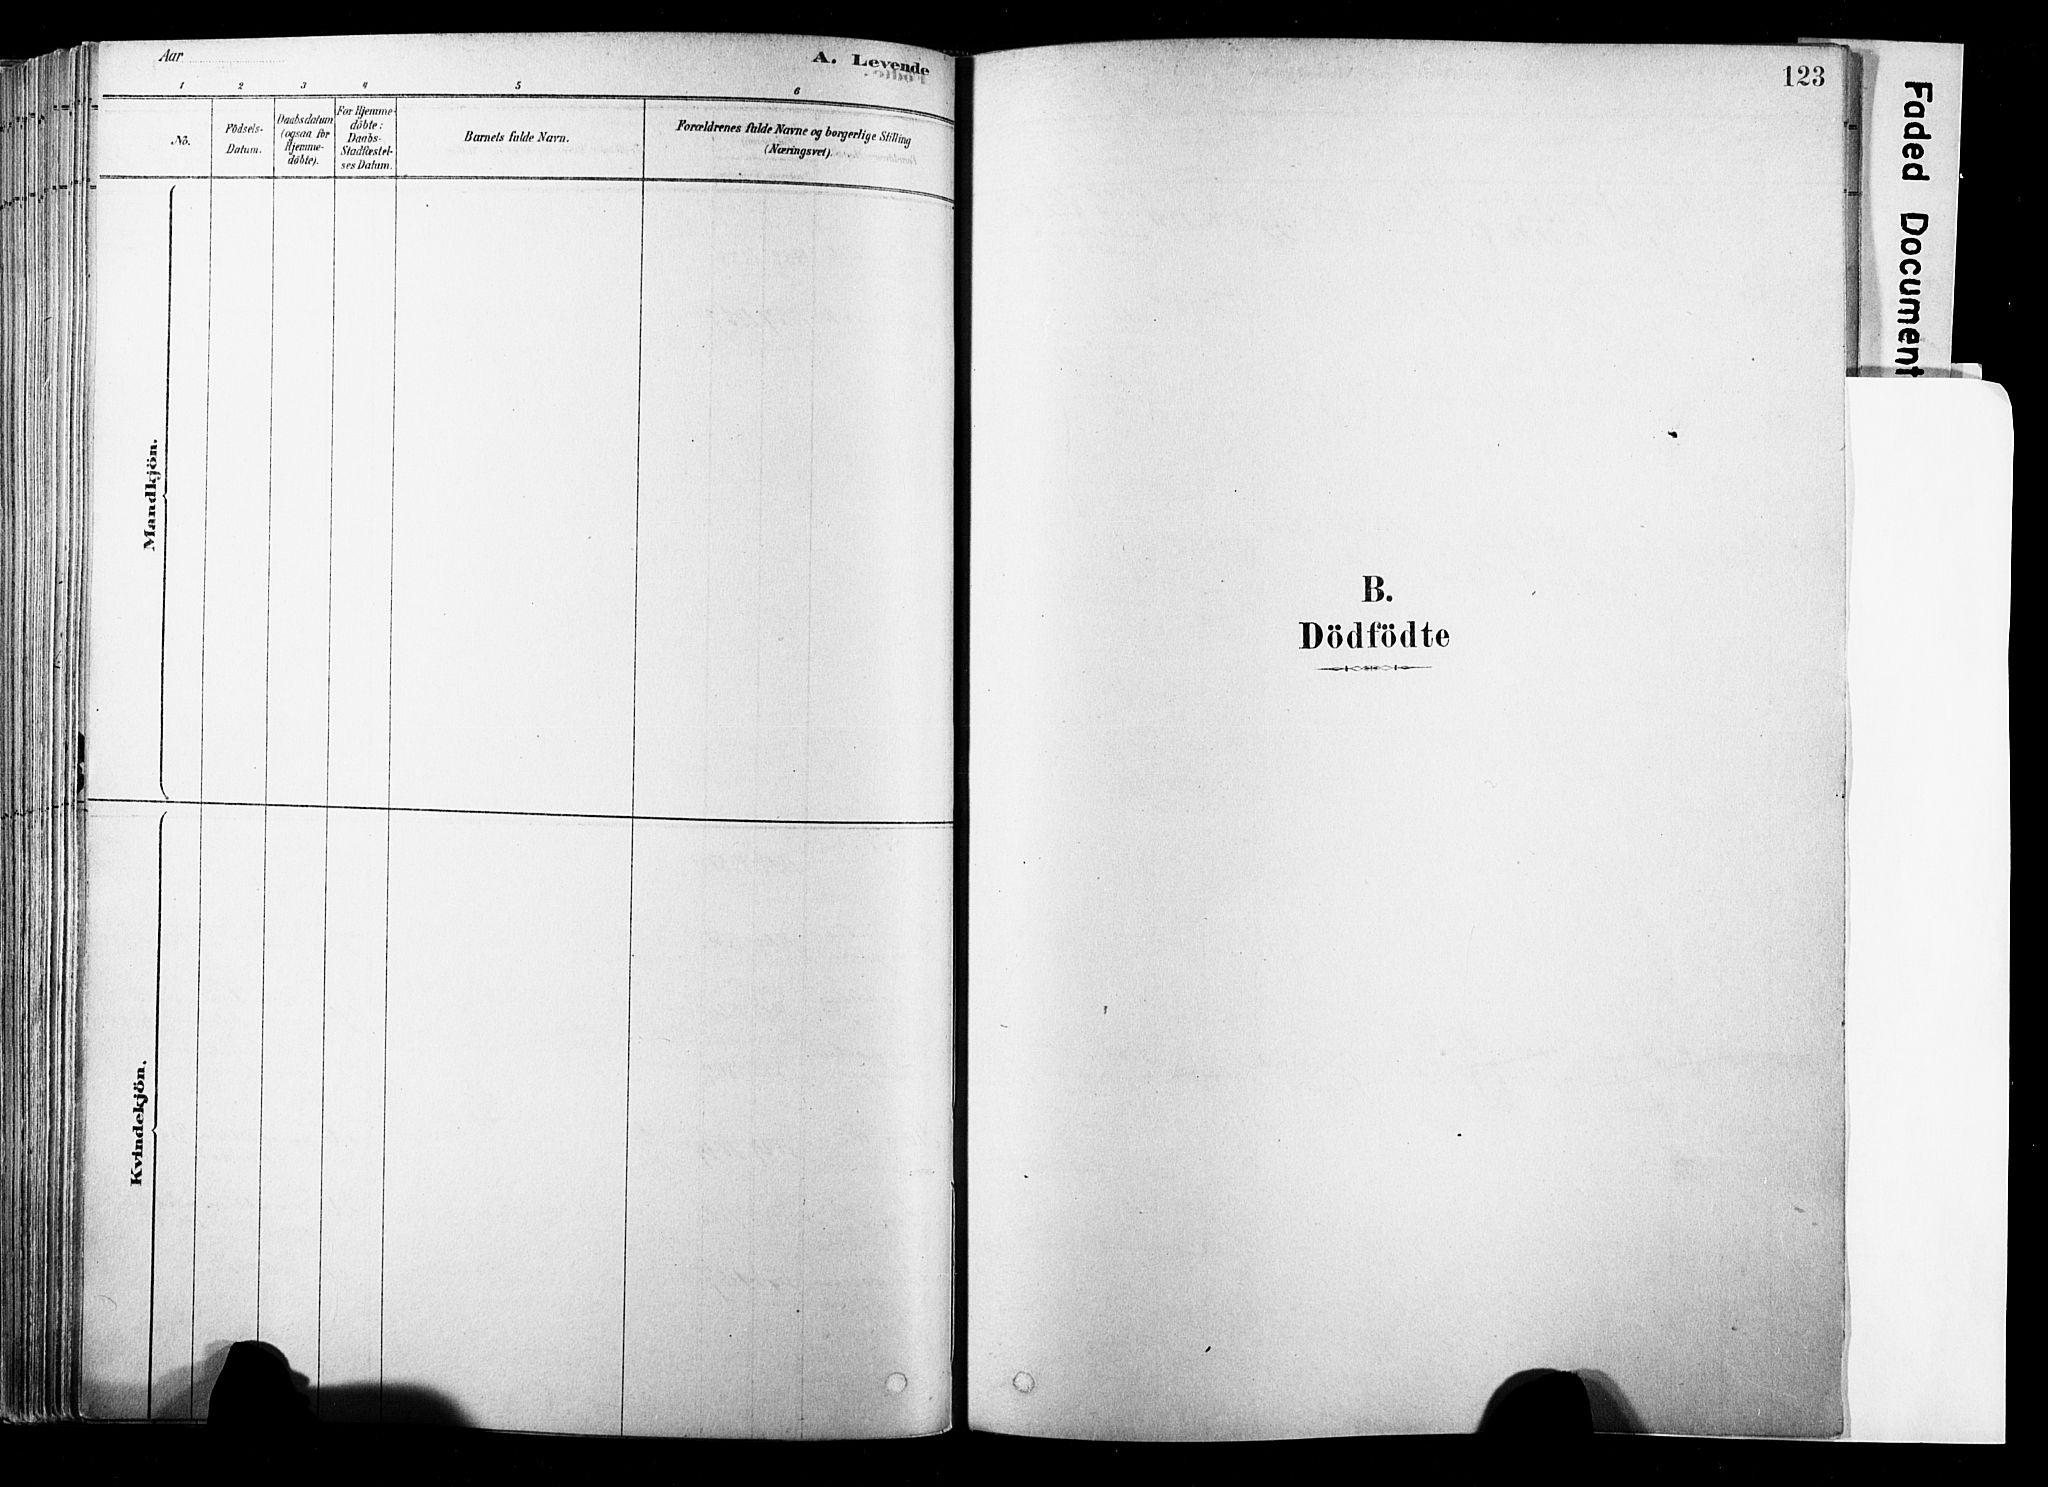 SAKO, Strømsø kirkebøker, F/Fb/L0006: Ministerialbok nr. II 6, 1879-1910, s. 123